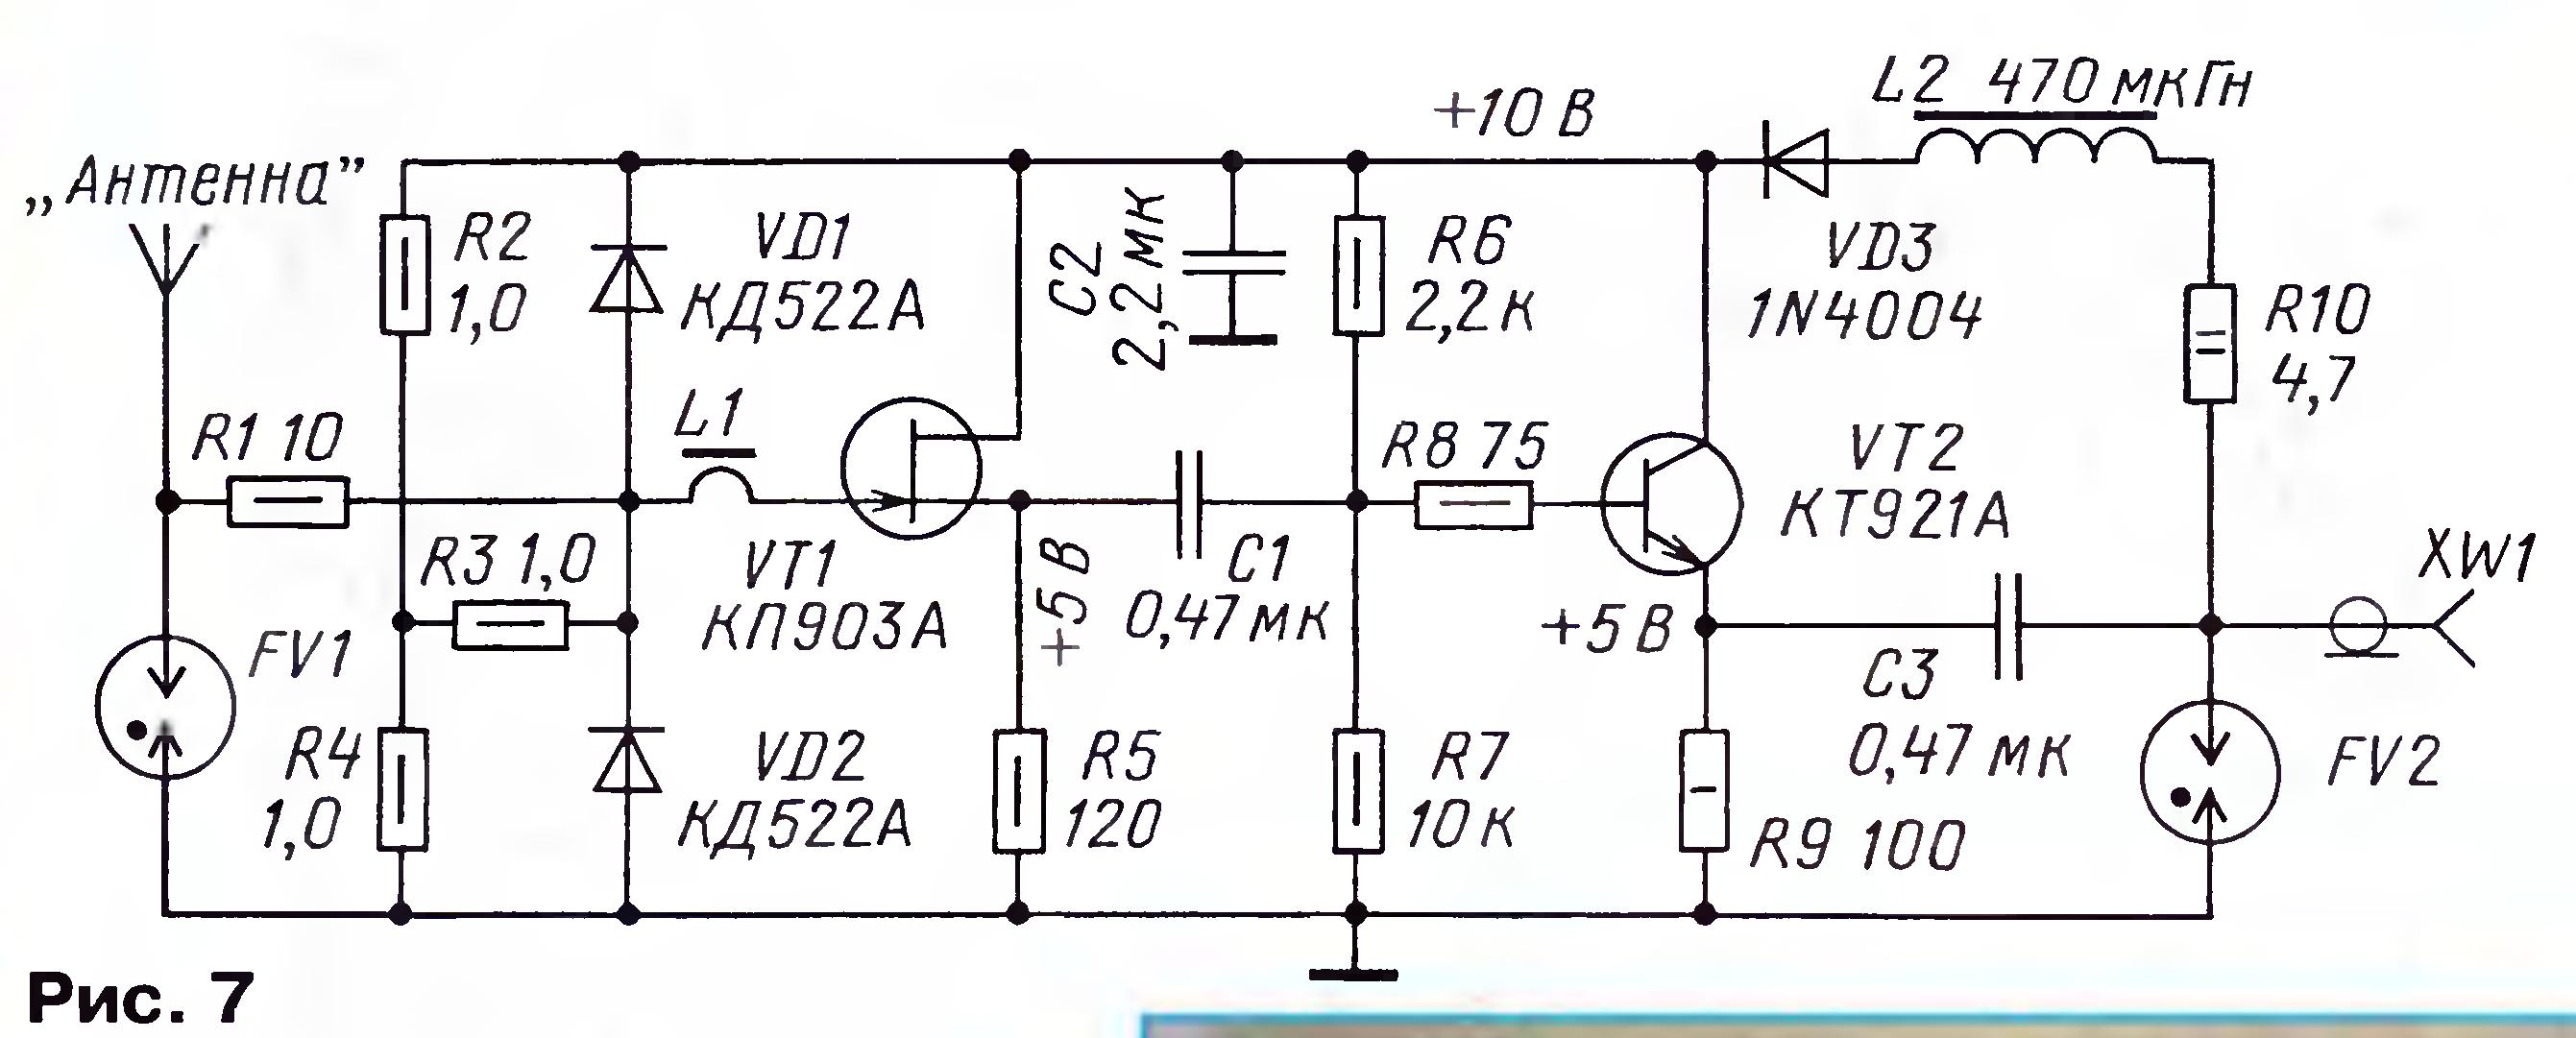 Рамочная антенна для fm радио 115